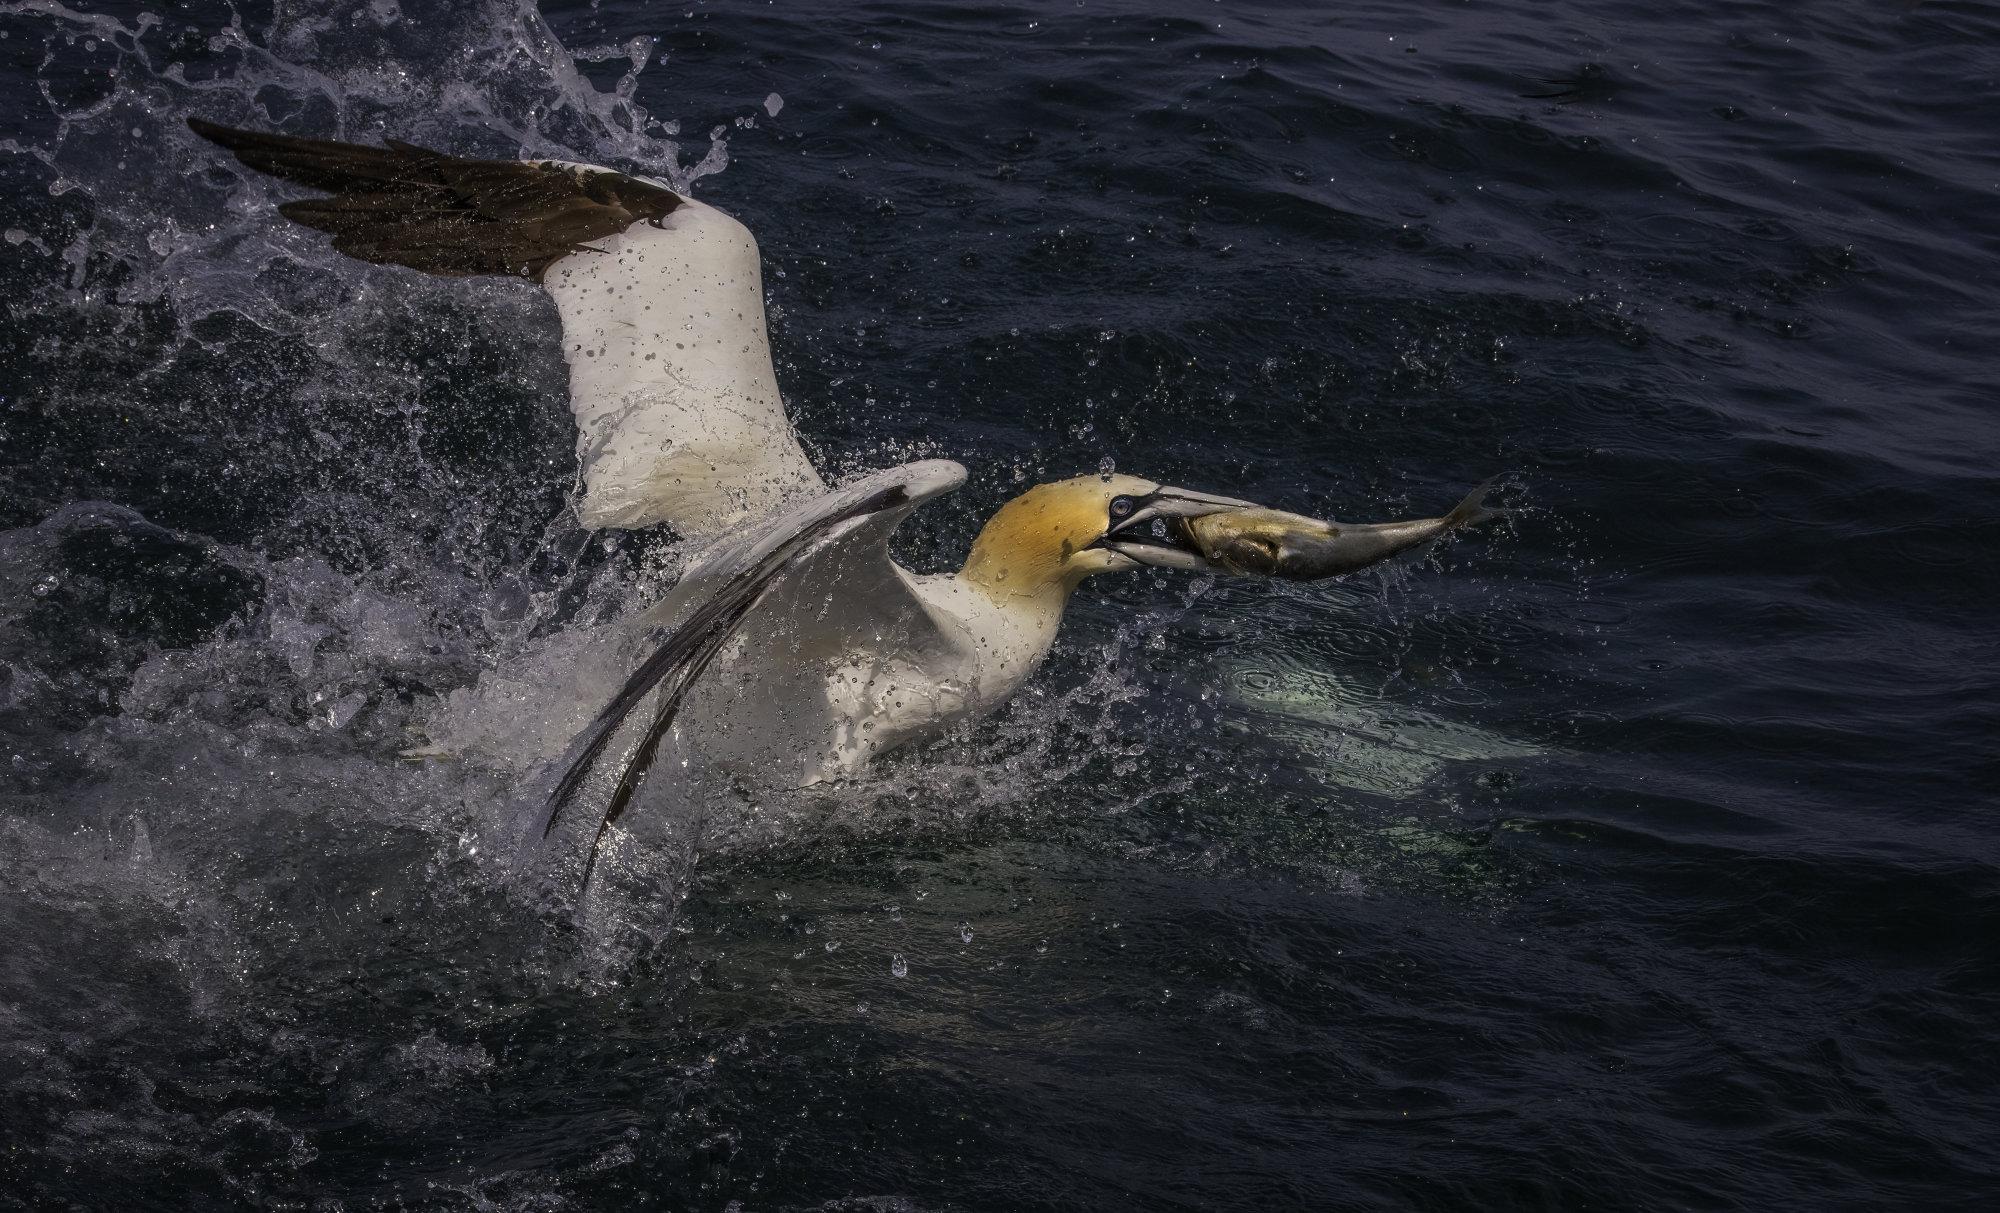 Feeding gannets